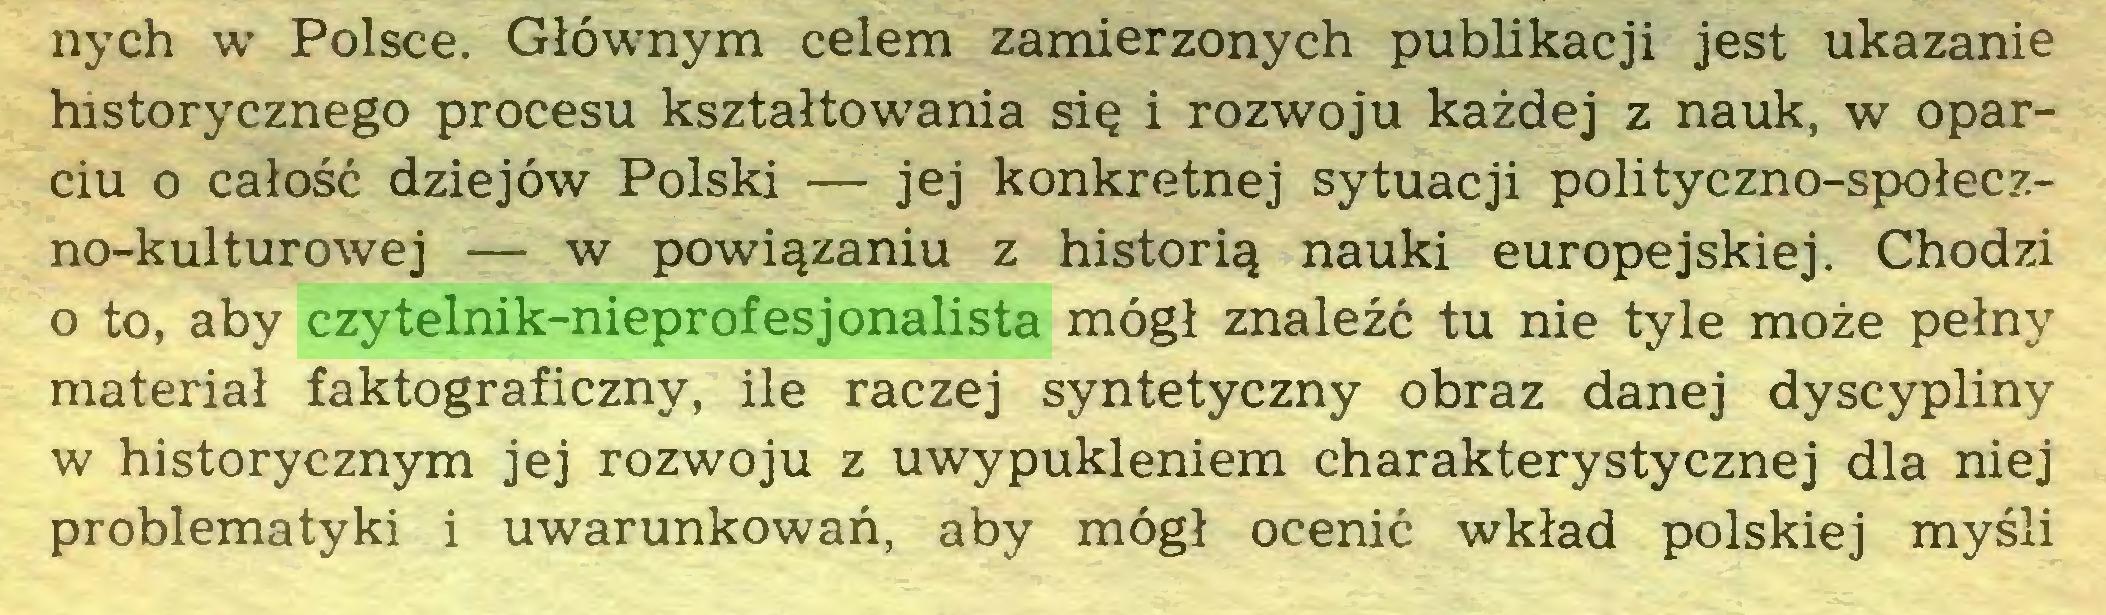 (...) nych w Polsce. Głównym celem zamierzonych publikacji jest ukazanie historycznego procesu kształtowania się i rozwoju każdej z nauk, w oparciu o całość dziejów Polski — jej konkretnej sytuacji polityczno-społeczno-kulturowej — w powiązaniu z historią nauki europejskiej. Chodzi o to, aby czytelnik-nieprofesjonalista mógł znaleźć tu nie tyle może pełny materiał faktograficzny, ile raczej syntetyczny obraz danej dyscypliny w historycznym jej rozwoju z uwypukleniem charakterystycznej dla niej problematyki i uwarunkowań, aby mógł ocenić wkład polskiej myśli...